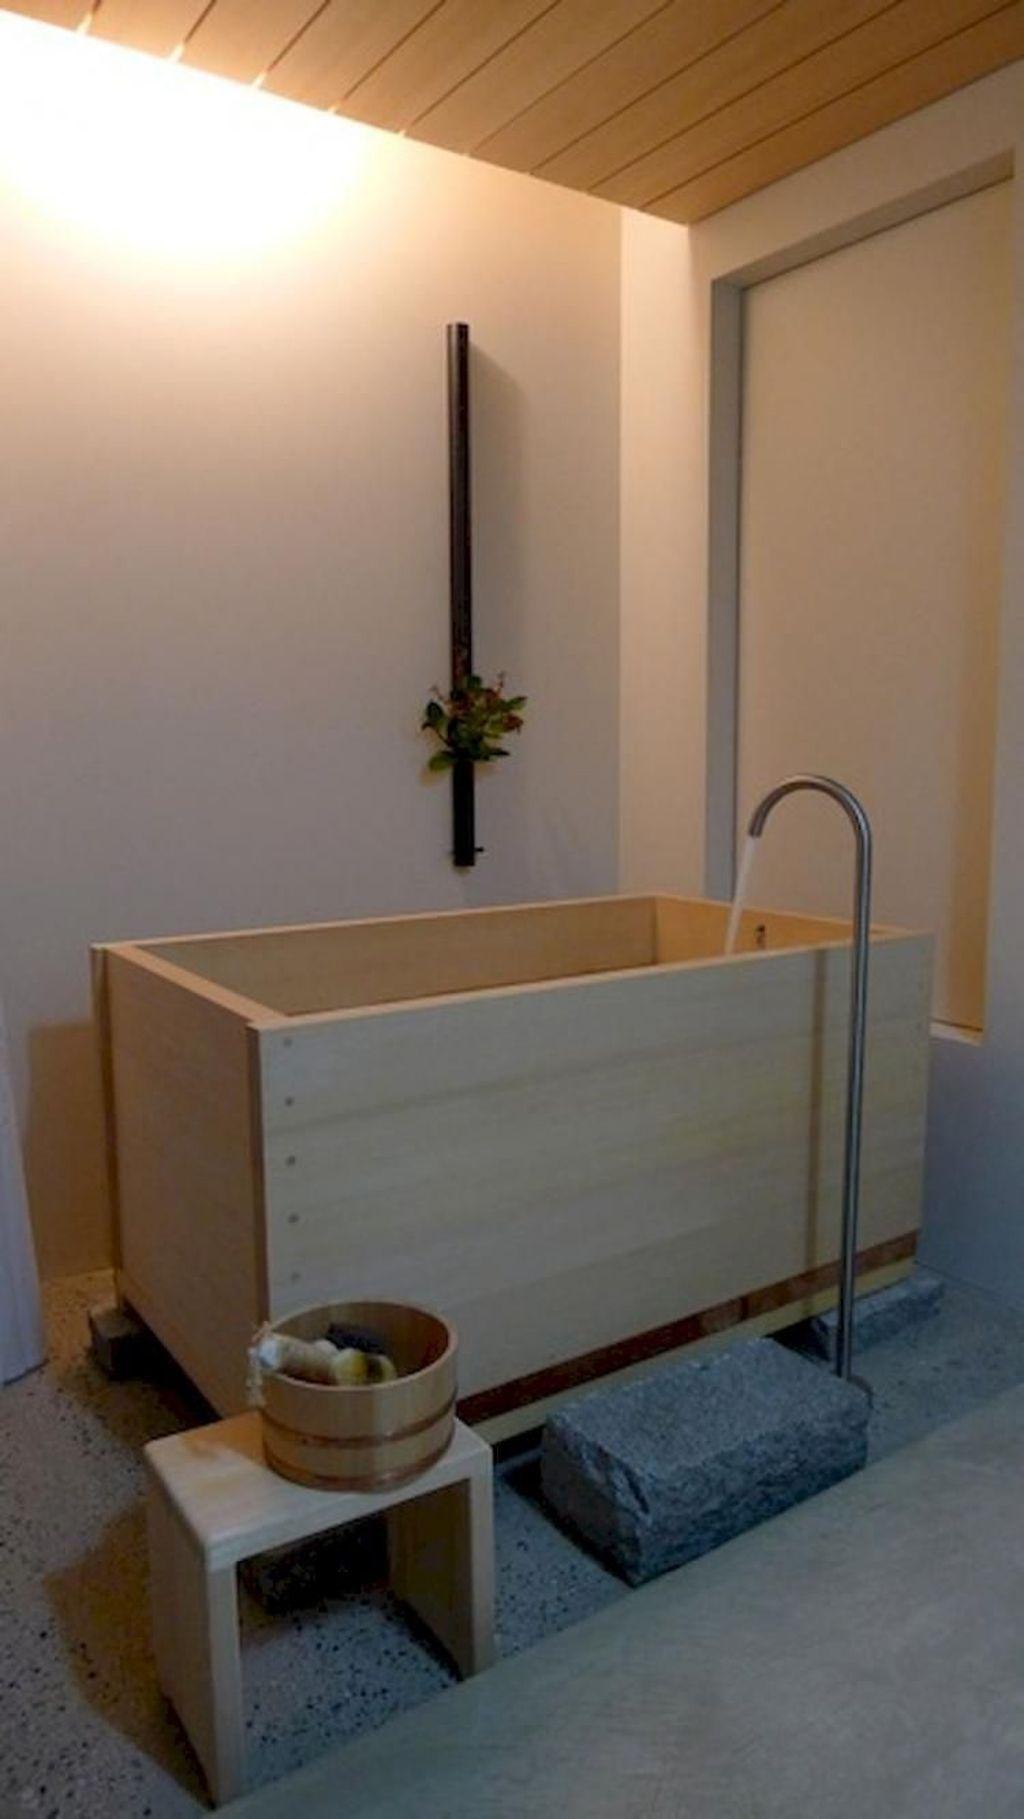 47 Minimalist Bathroom Bathtub Remodel Ideas Japanisches Bad Badewanne Umbauen Minimalistisches Badezimmer